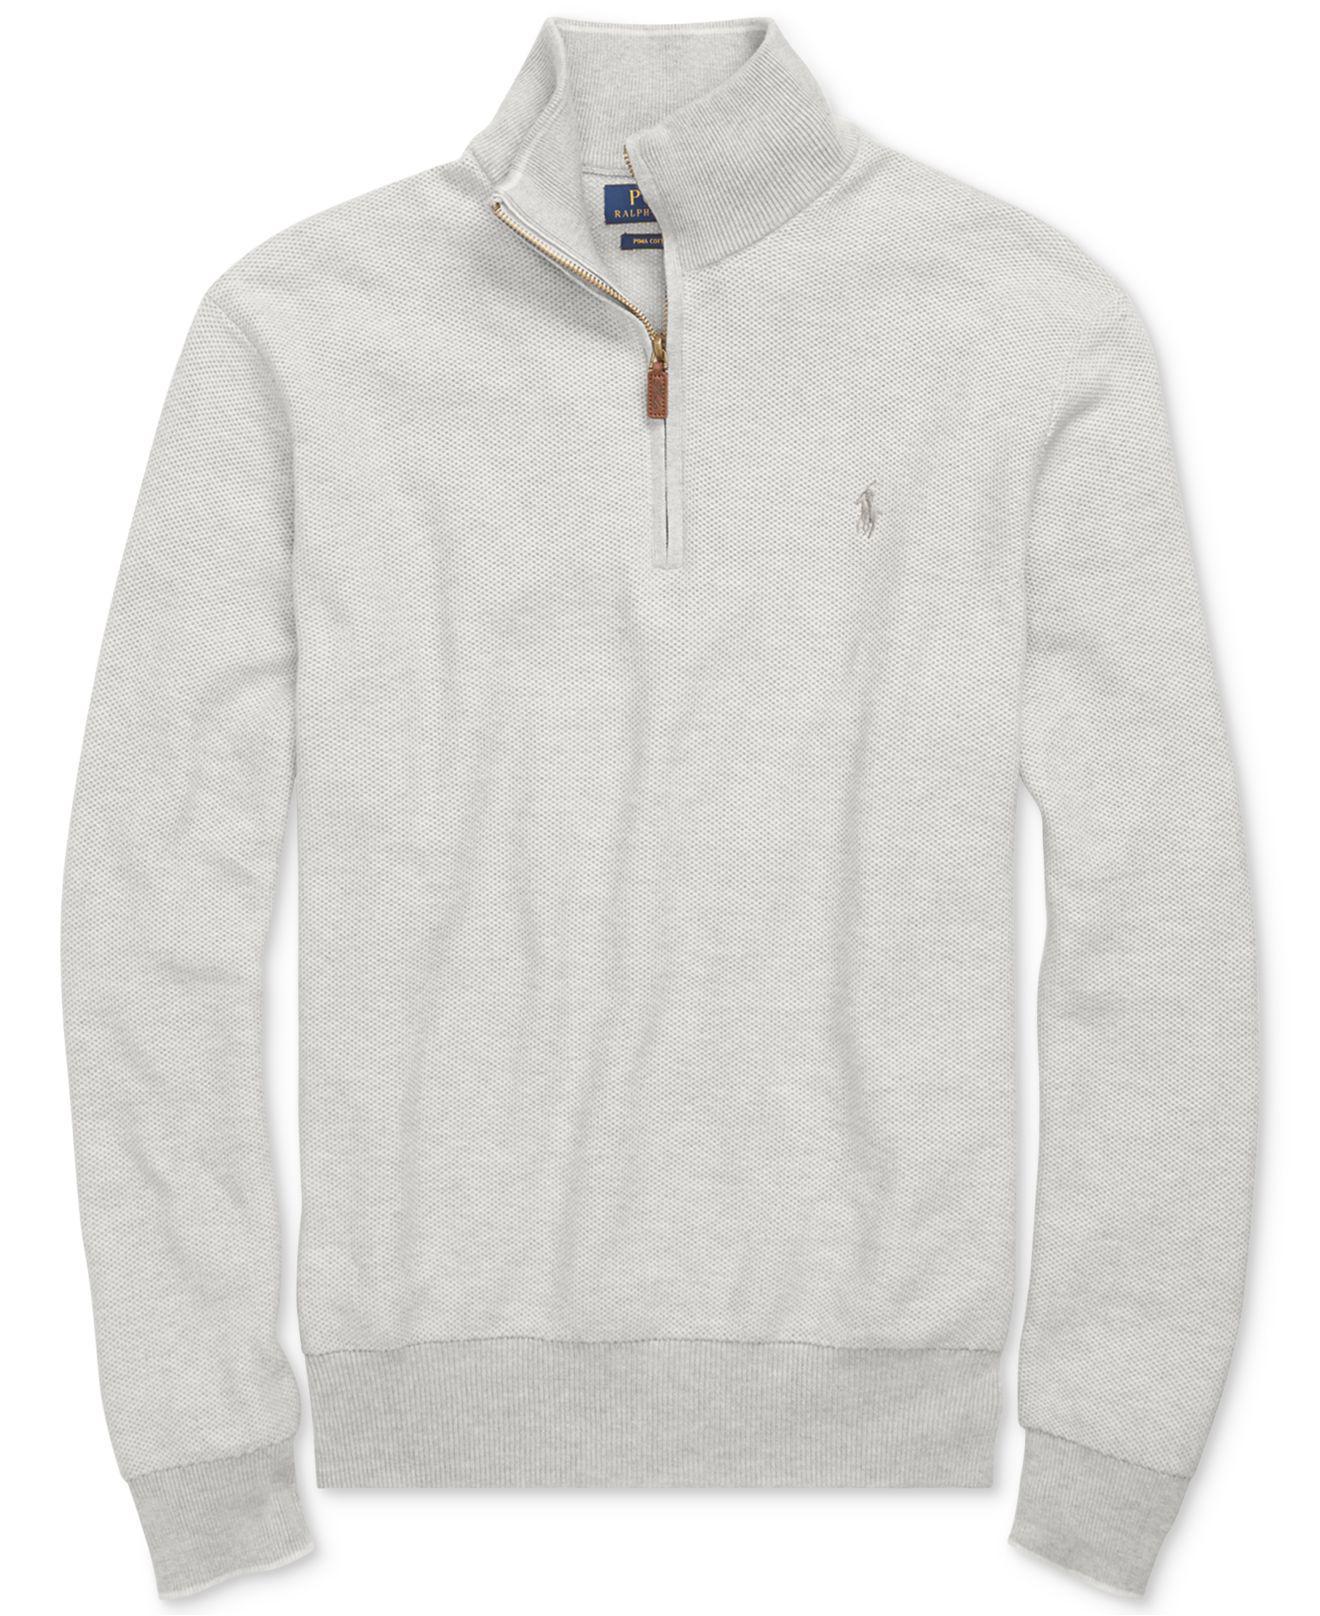 Polo ralph lauren Men's Big & Tall Half-zip Sweater in Gray for ...